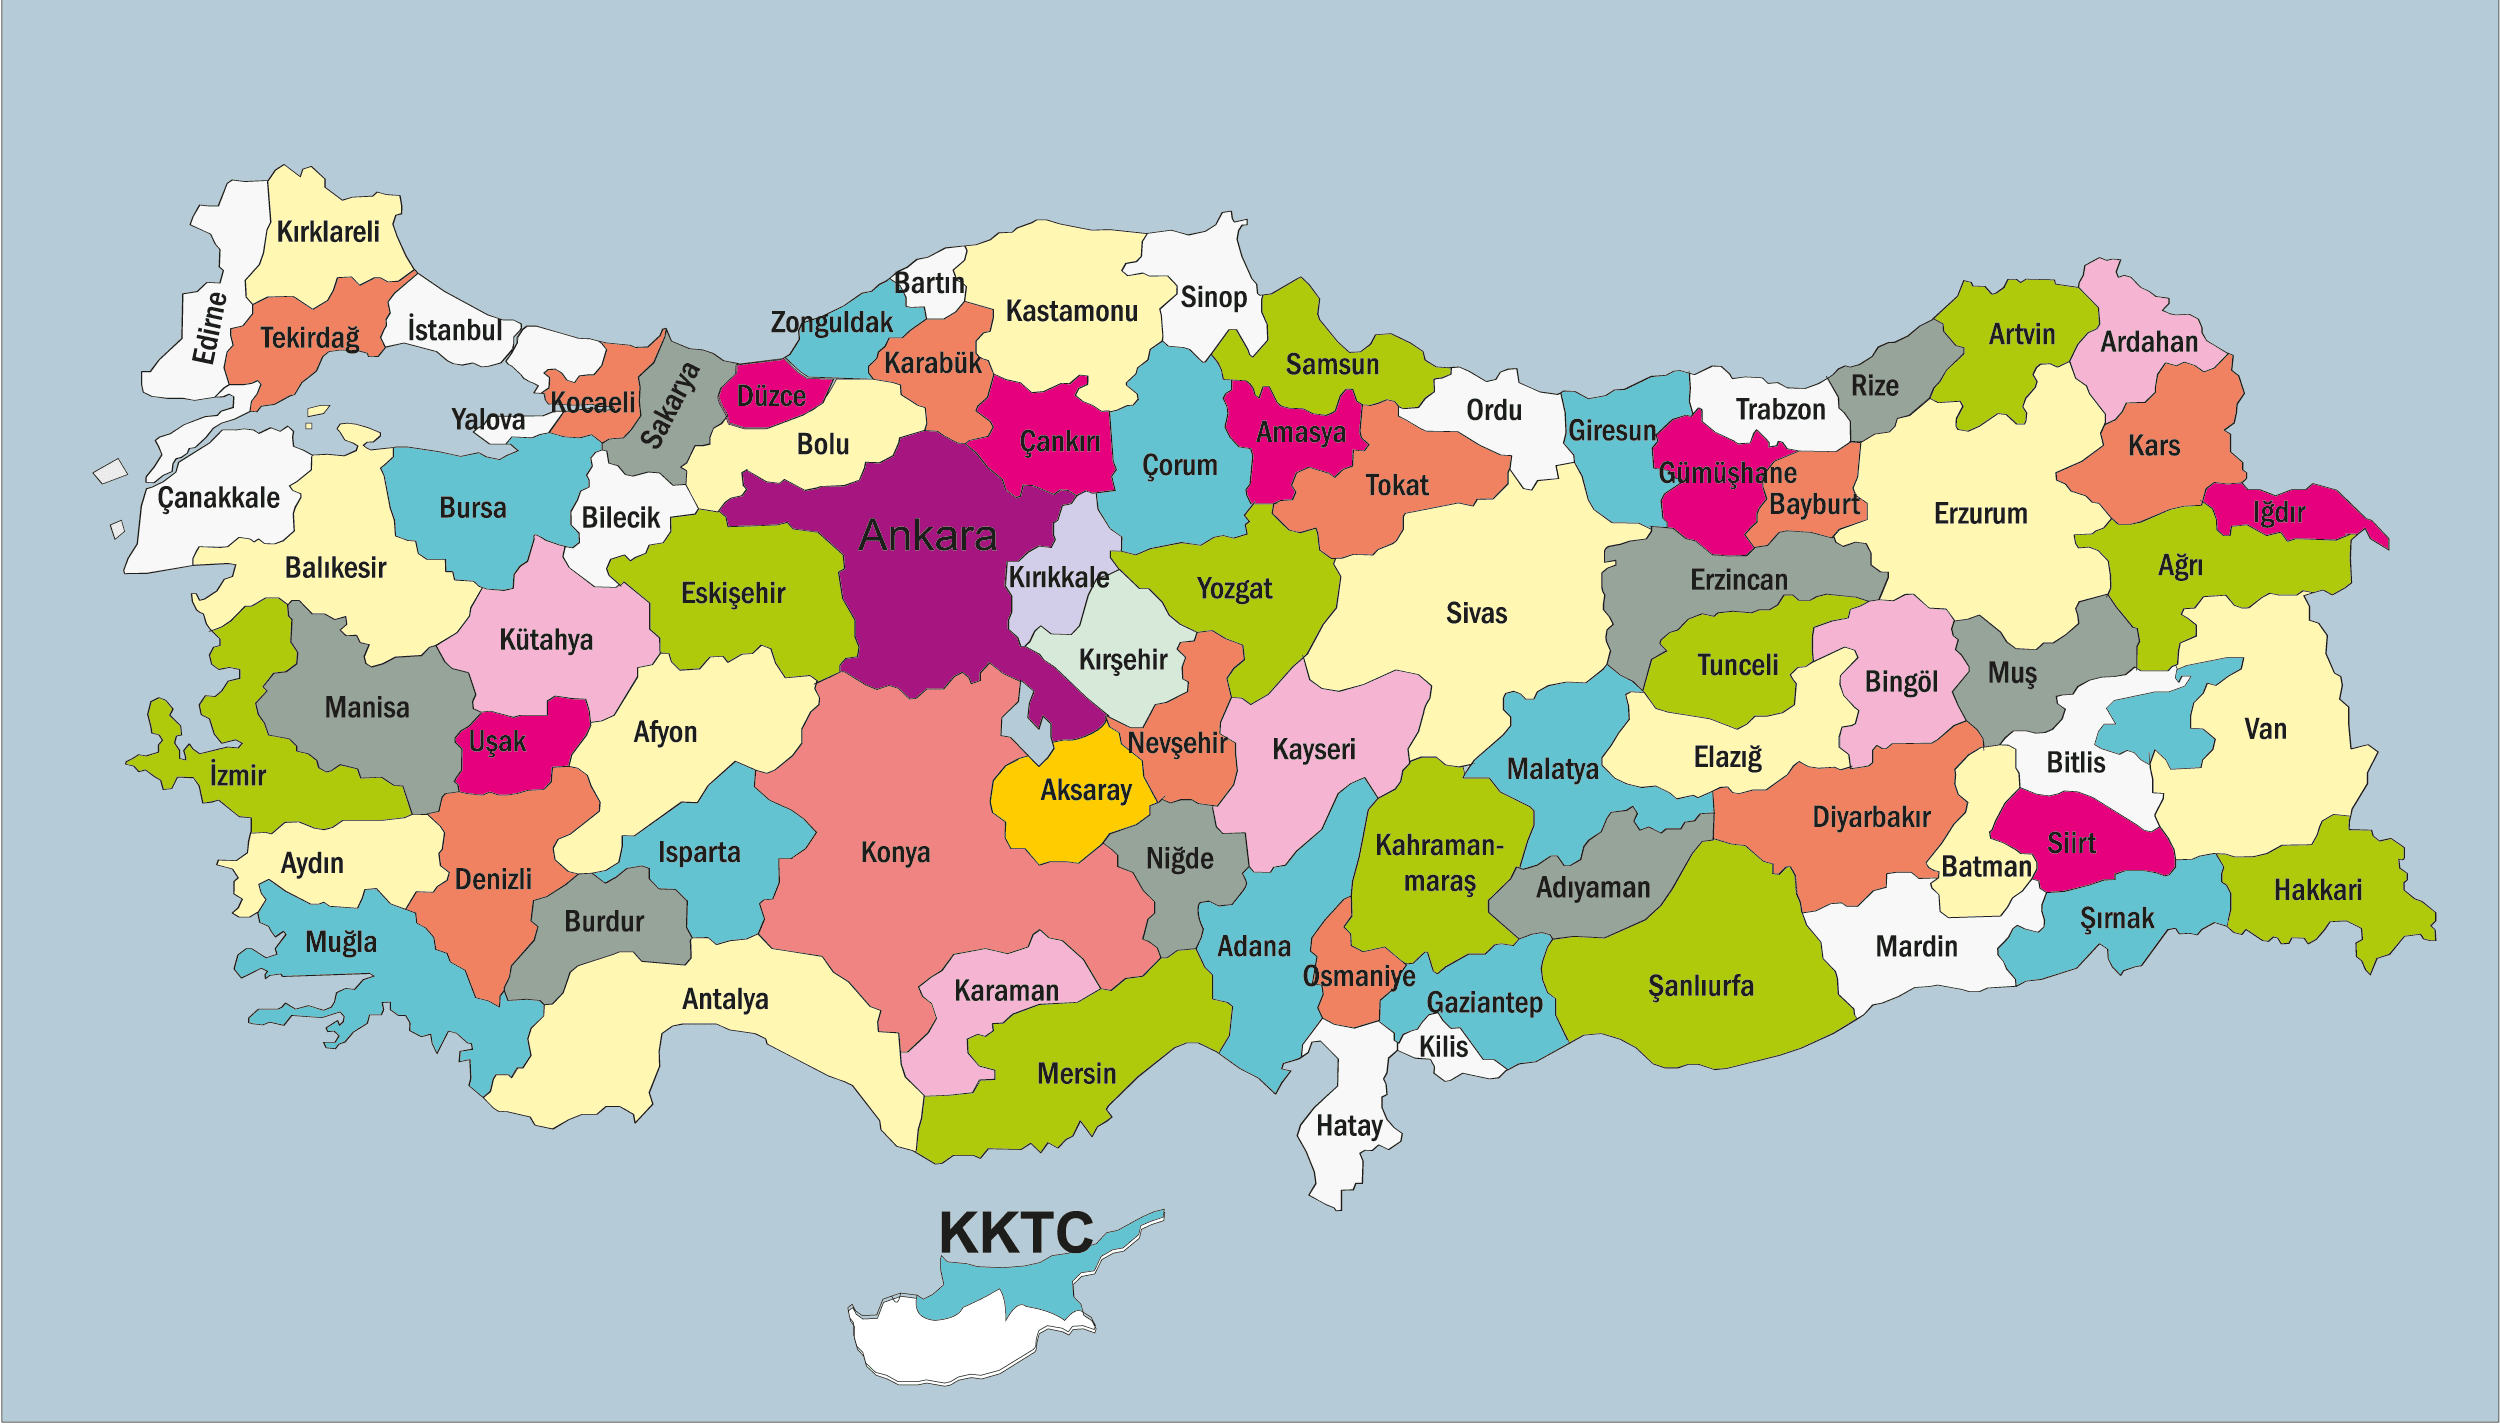 Türkiyenin Illeri Ve Bölgeleri Renkli Harita